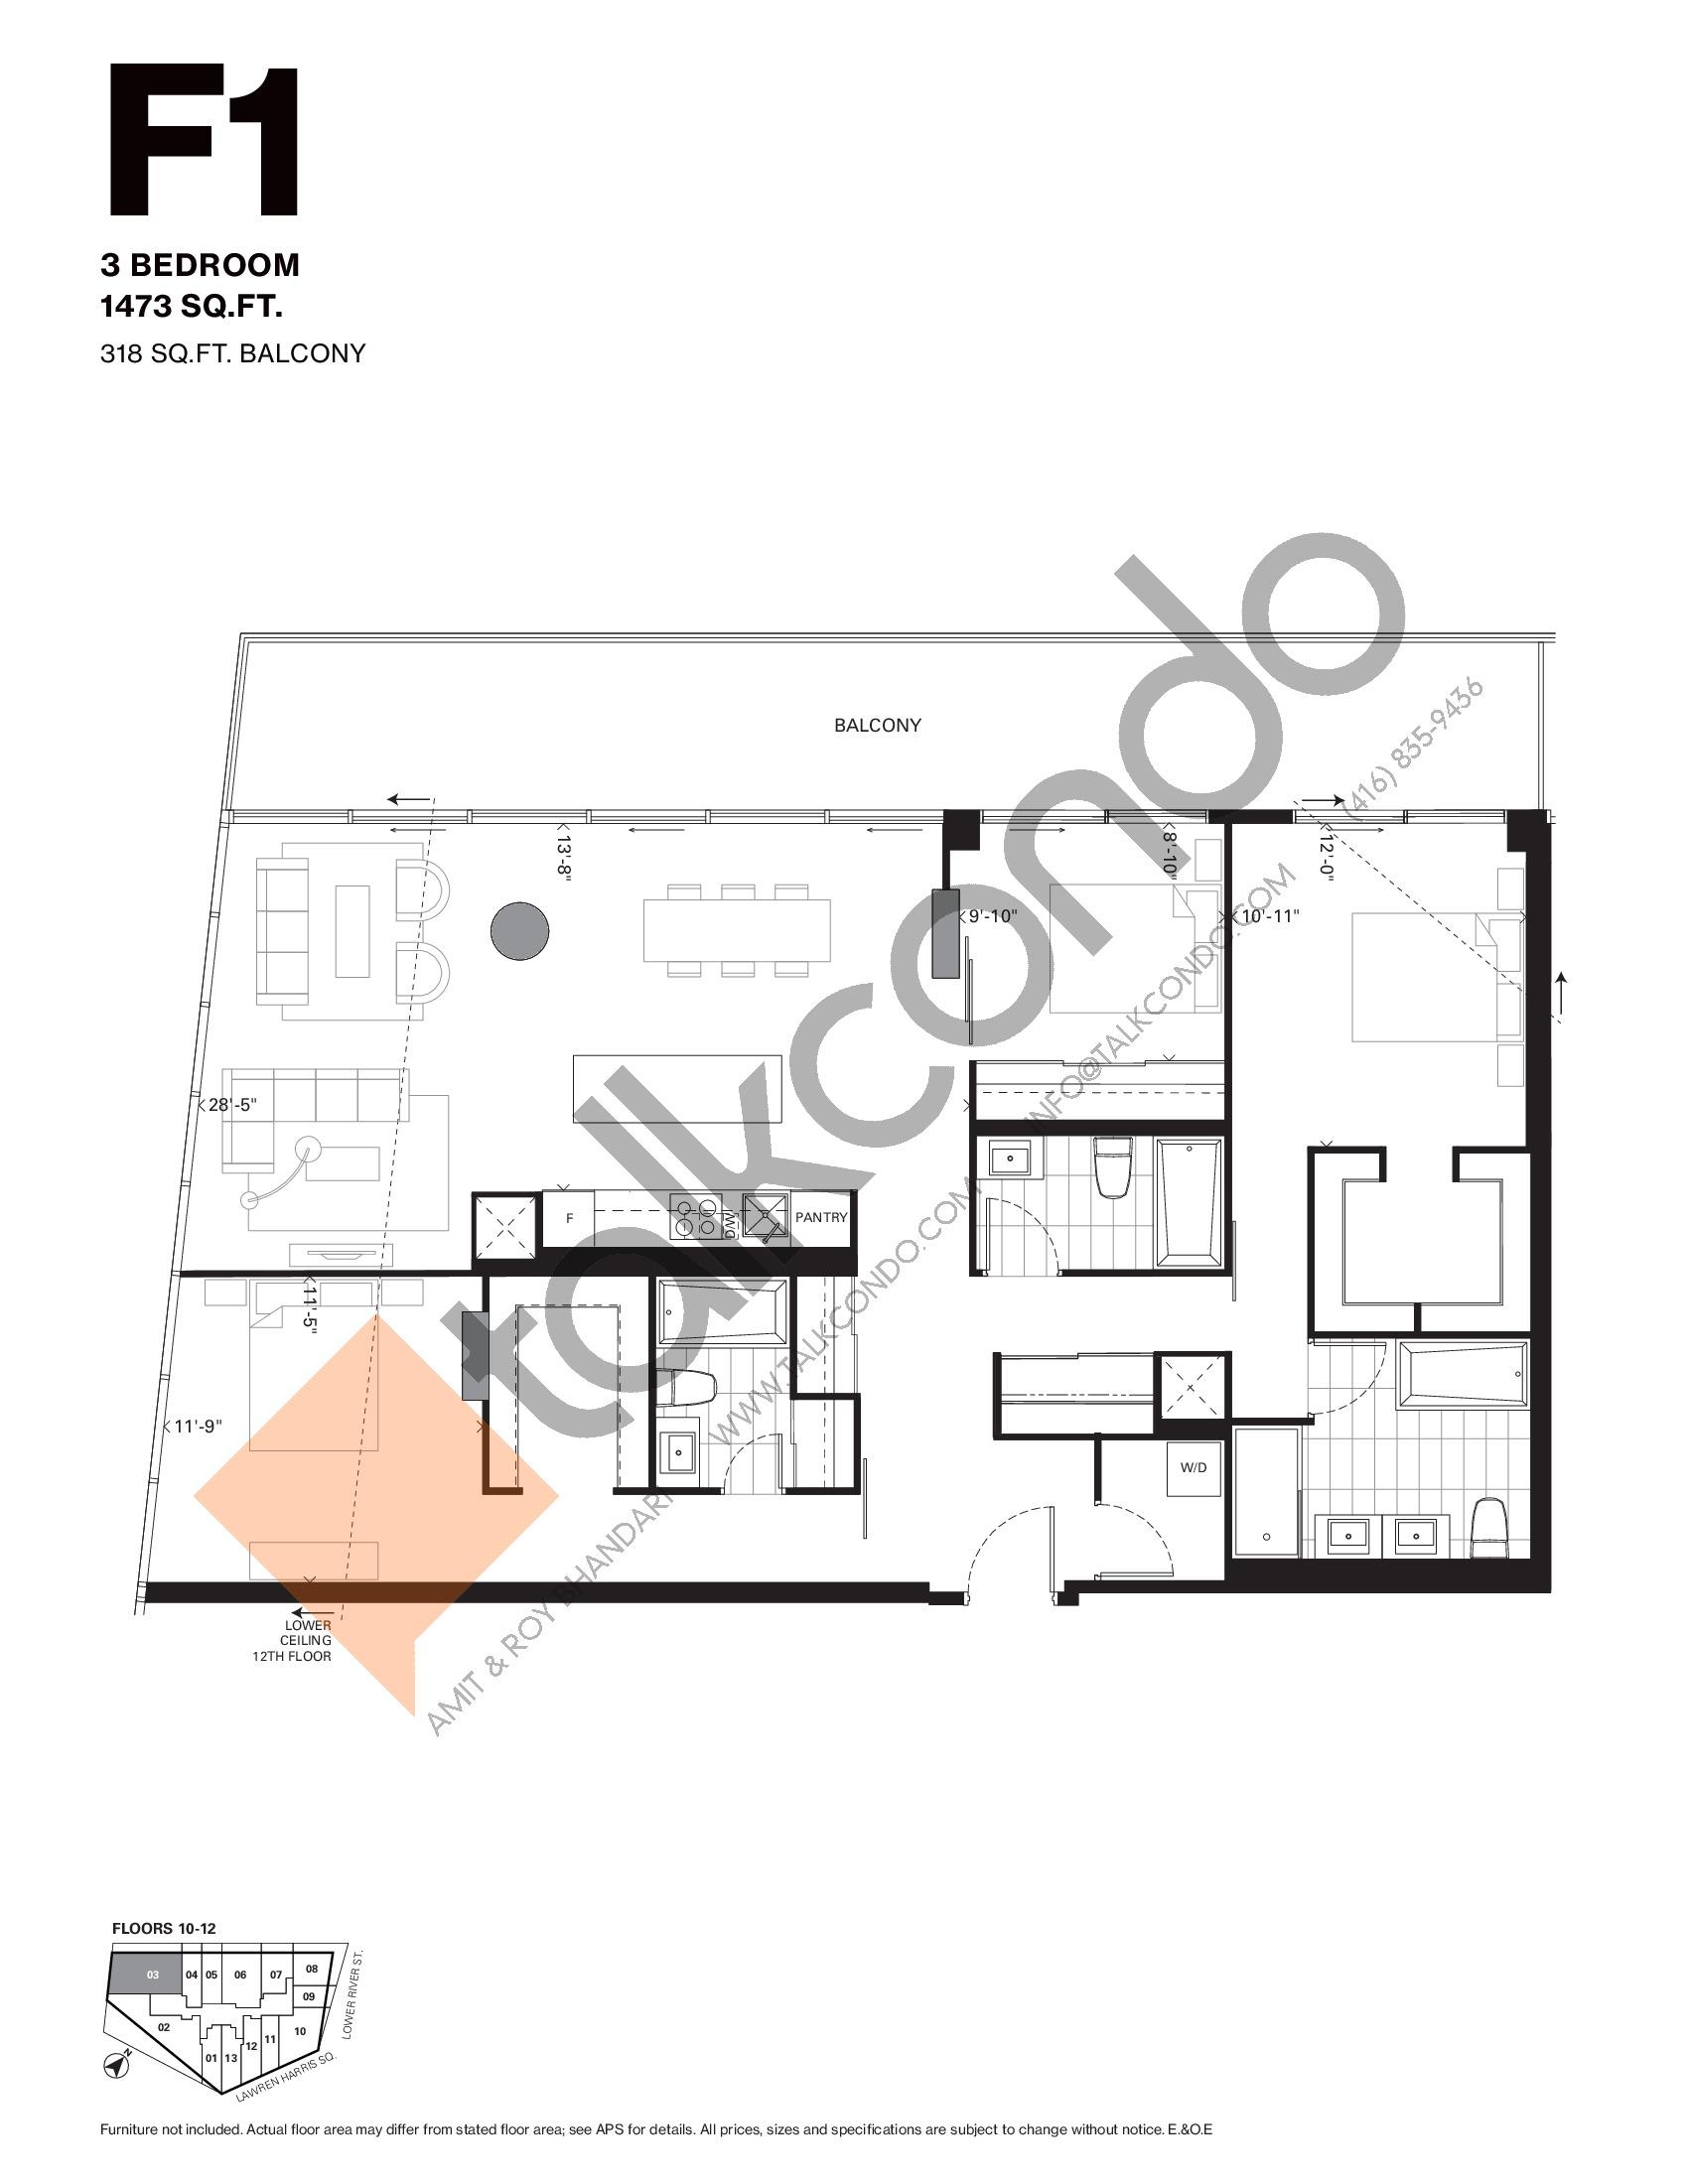 F1 Floor Plan at Harris Square Condos - 1473 sq.ft